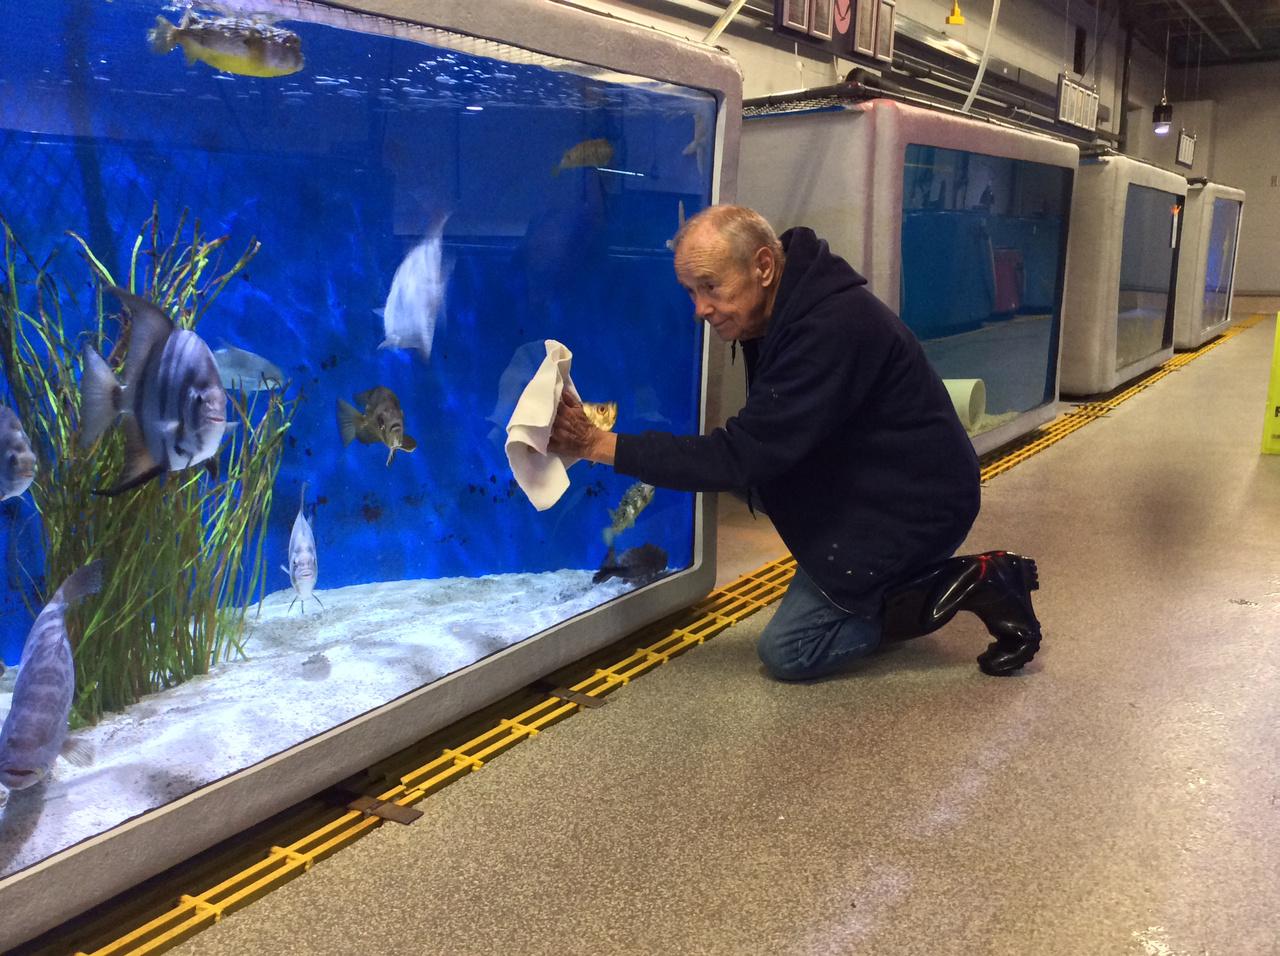 Elderly volunteer washes aquarium tanks.